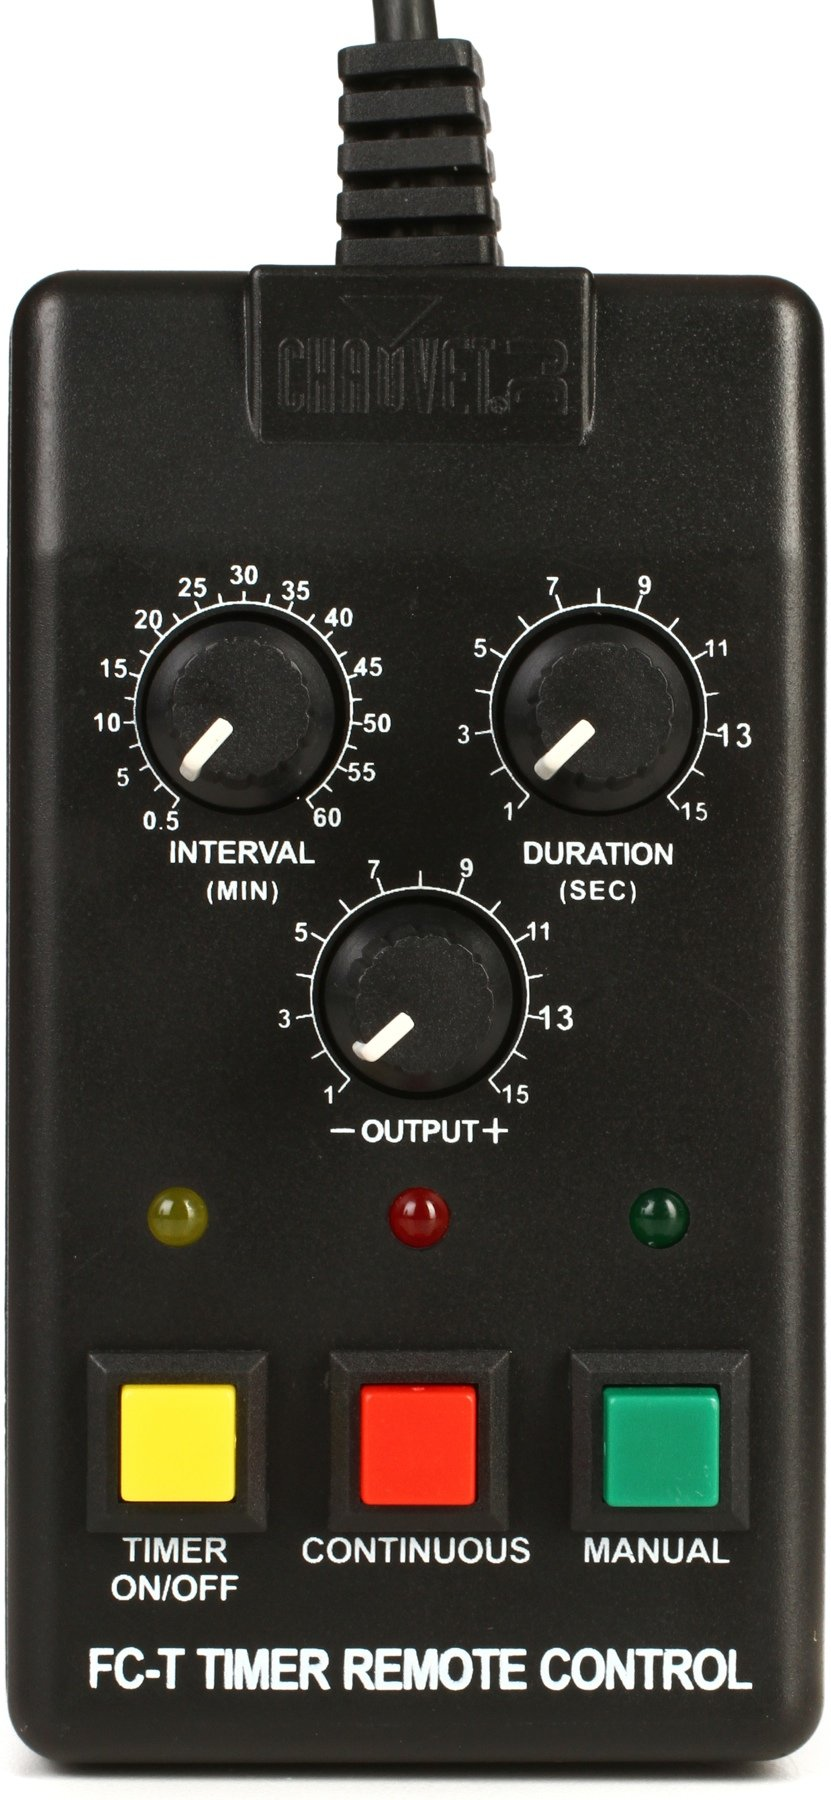 chauvet-dj-fc-t-timer-remote-control.jpeg